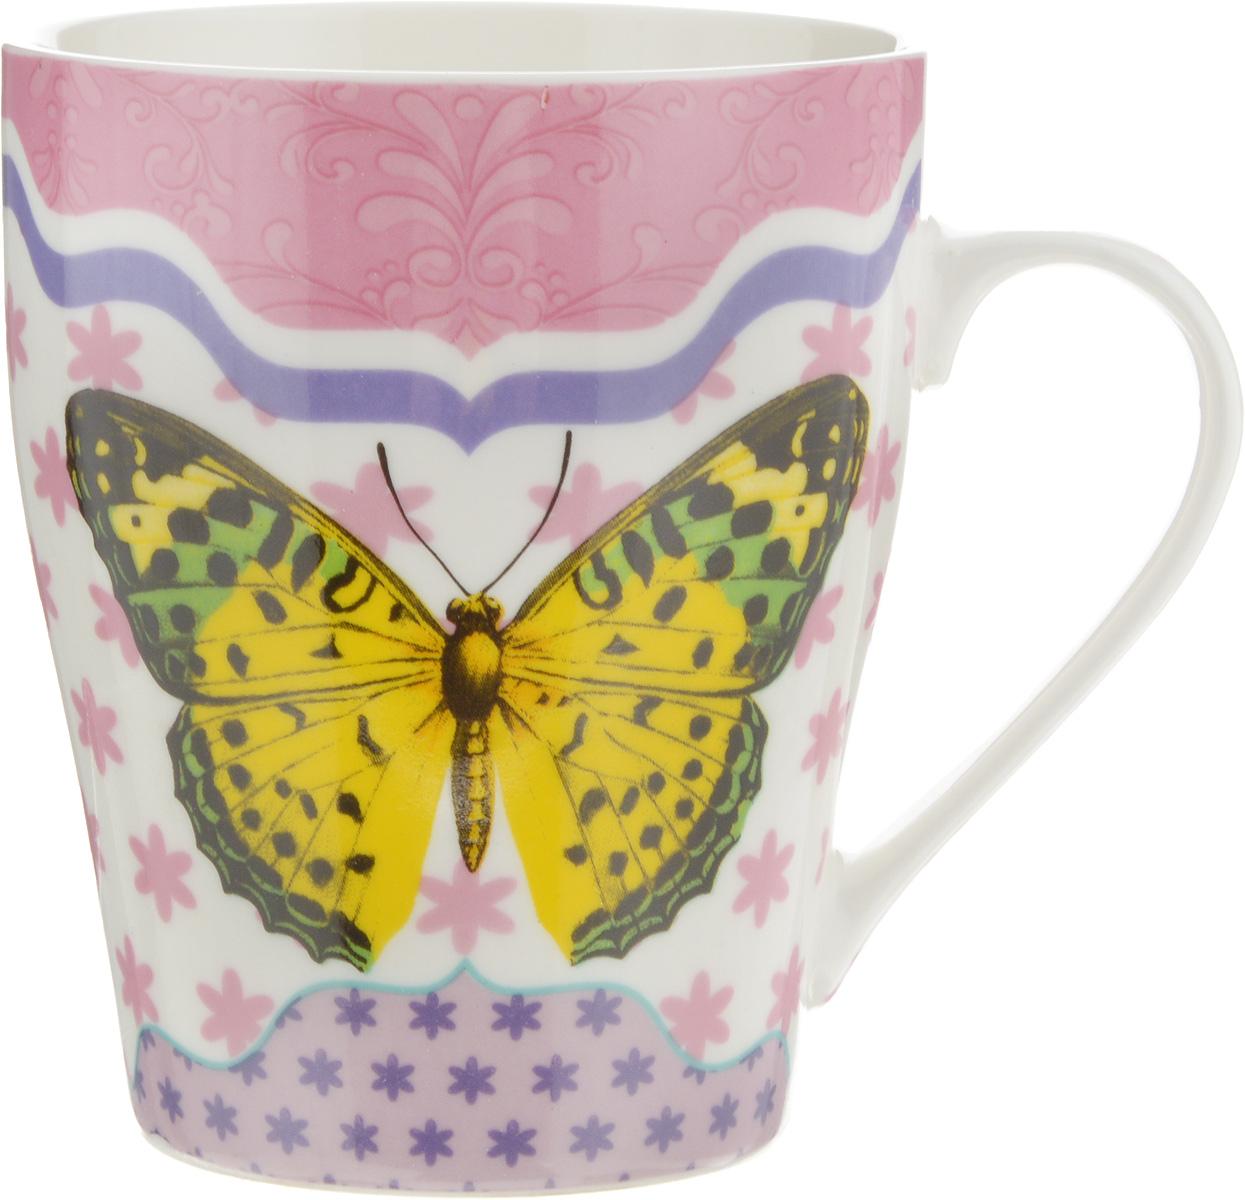 Кружка Loraine Бабочка, цвет: белый, желтый, розовый, 340 мл. 2445424454_белый, желтый, розовыйКружка Loraine Бабочка изготовлена из прочного качественного костяного фарфора. Изделие оформлено красочным рисунком. Благодаря своим термостатическим свойствам, изделие отлично сохраняет температуру содержимого - морозной зимой кружка будет согревать вас горячим чаем, а знойным летом, напротив, радовать прохладными напитками. Такой аксессуар создаст атмосферу тепла и уюта, настроит на позитивный лад и подарит хорошее настроение с самого утра. Это оригинальное изделие идеально подойдет в подарок близкому человеку. Диаметр (по верхнему краю): 8,2 см. Высота кружки: 10 см. Объем: 340 мл.